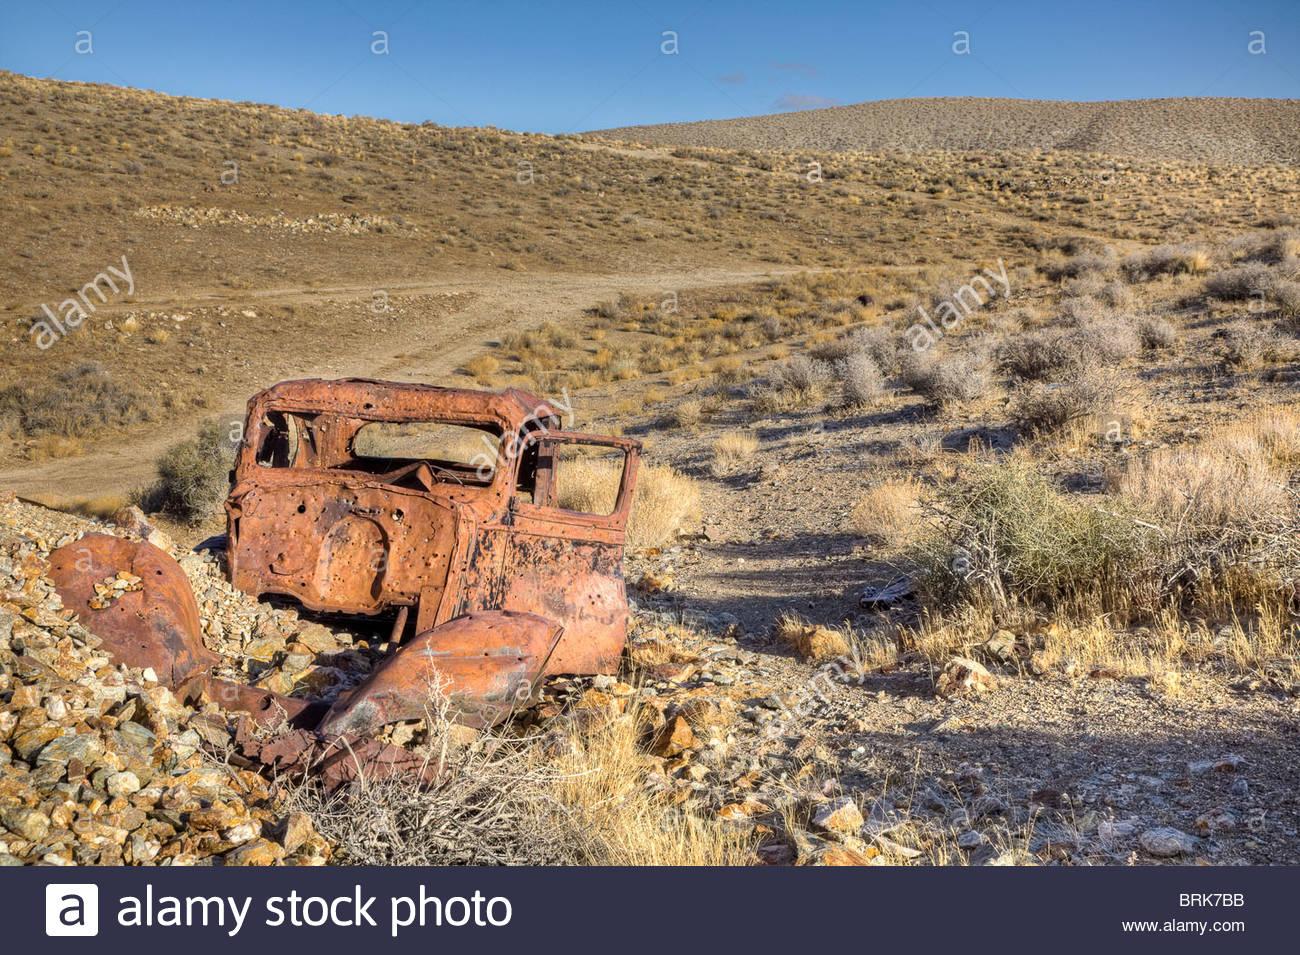 Überreste eines alten Autos in einer legendären Ghost Bergbaustadt. Stockbild